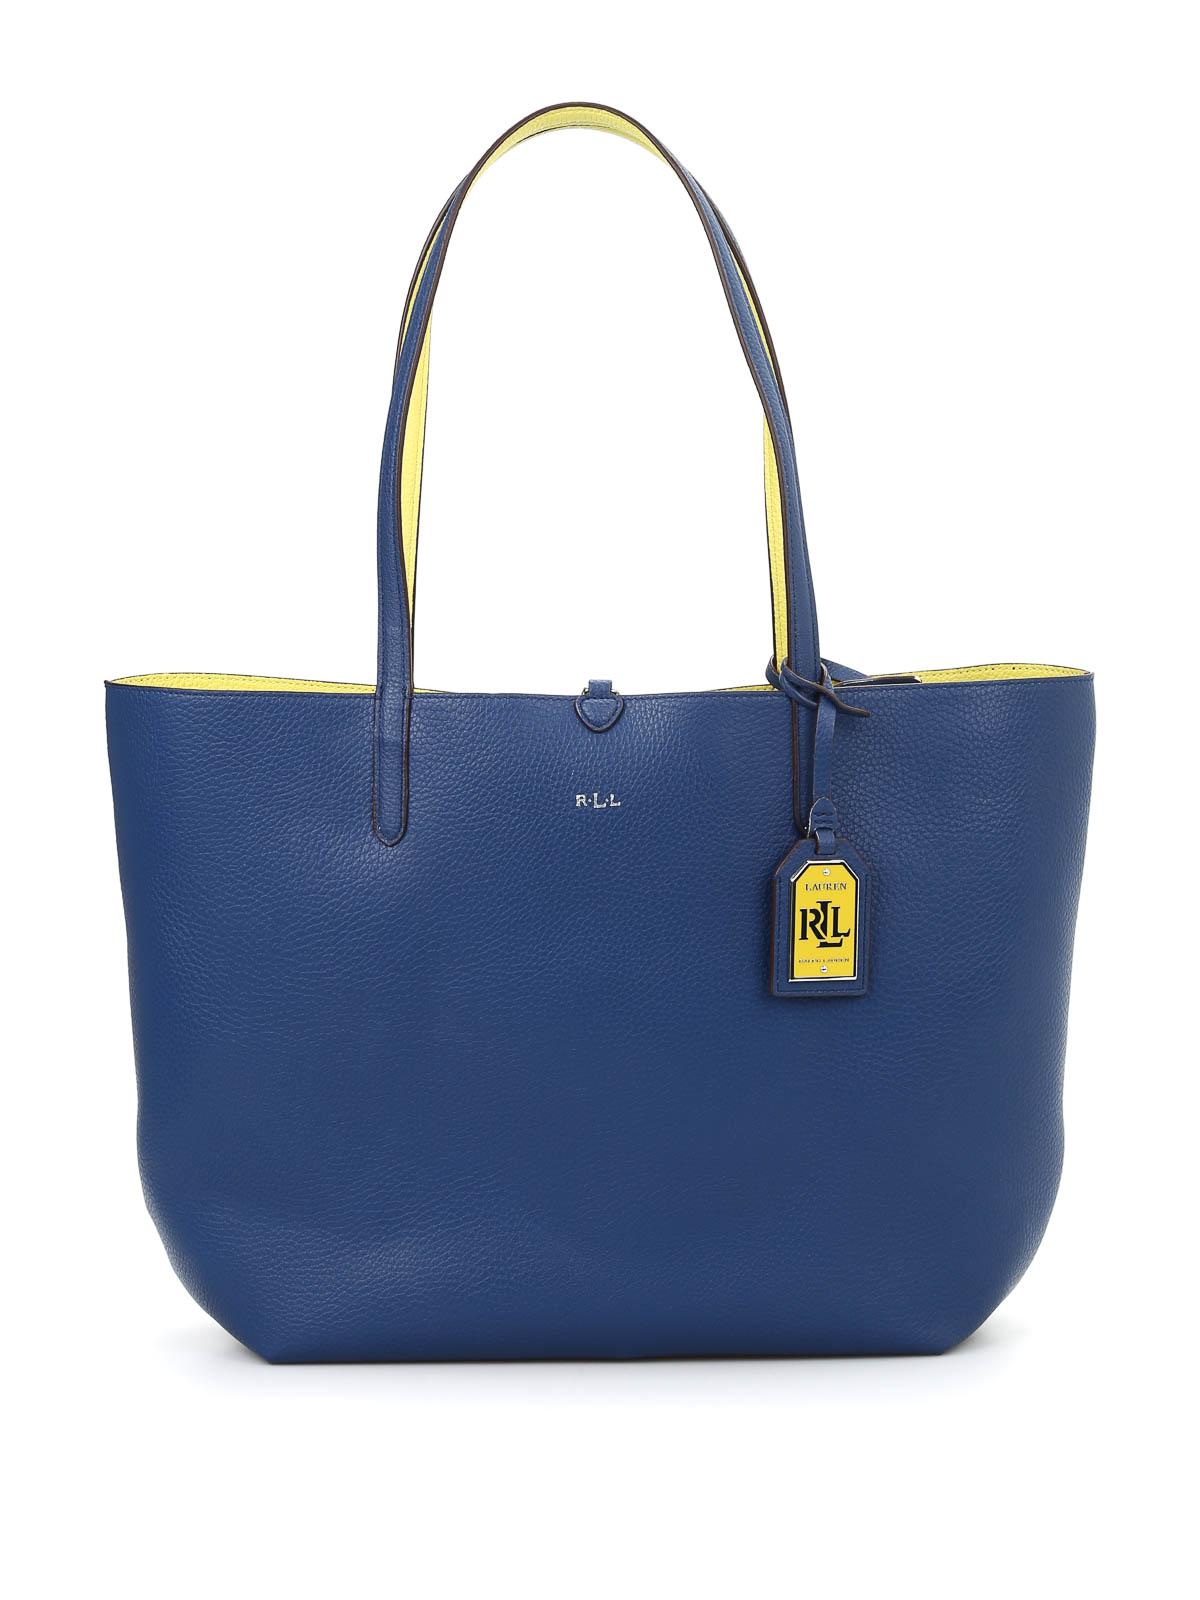 490c105a0c6 Ralph Lauren - Milford Olivia reversible tote - totes bags - N91 ...